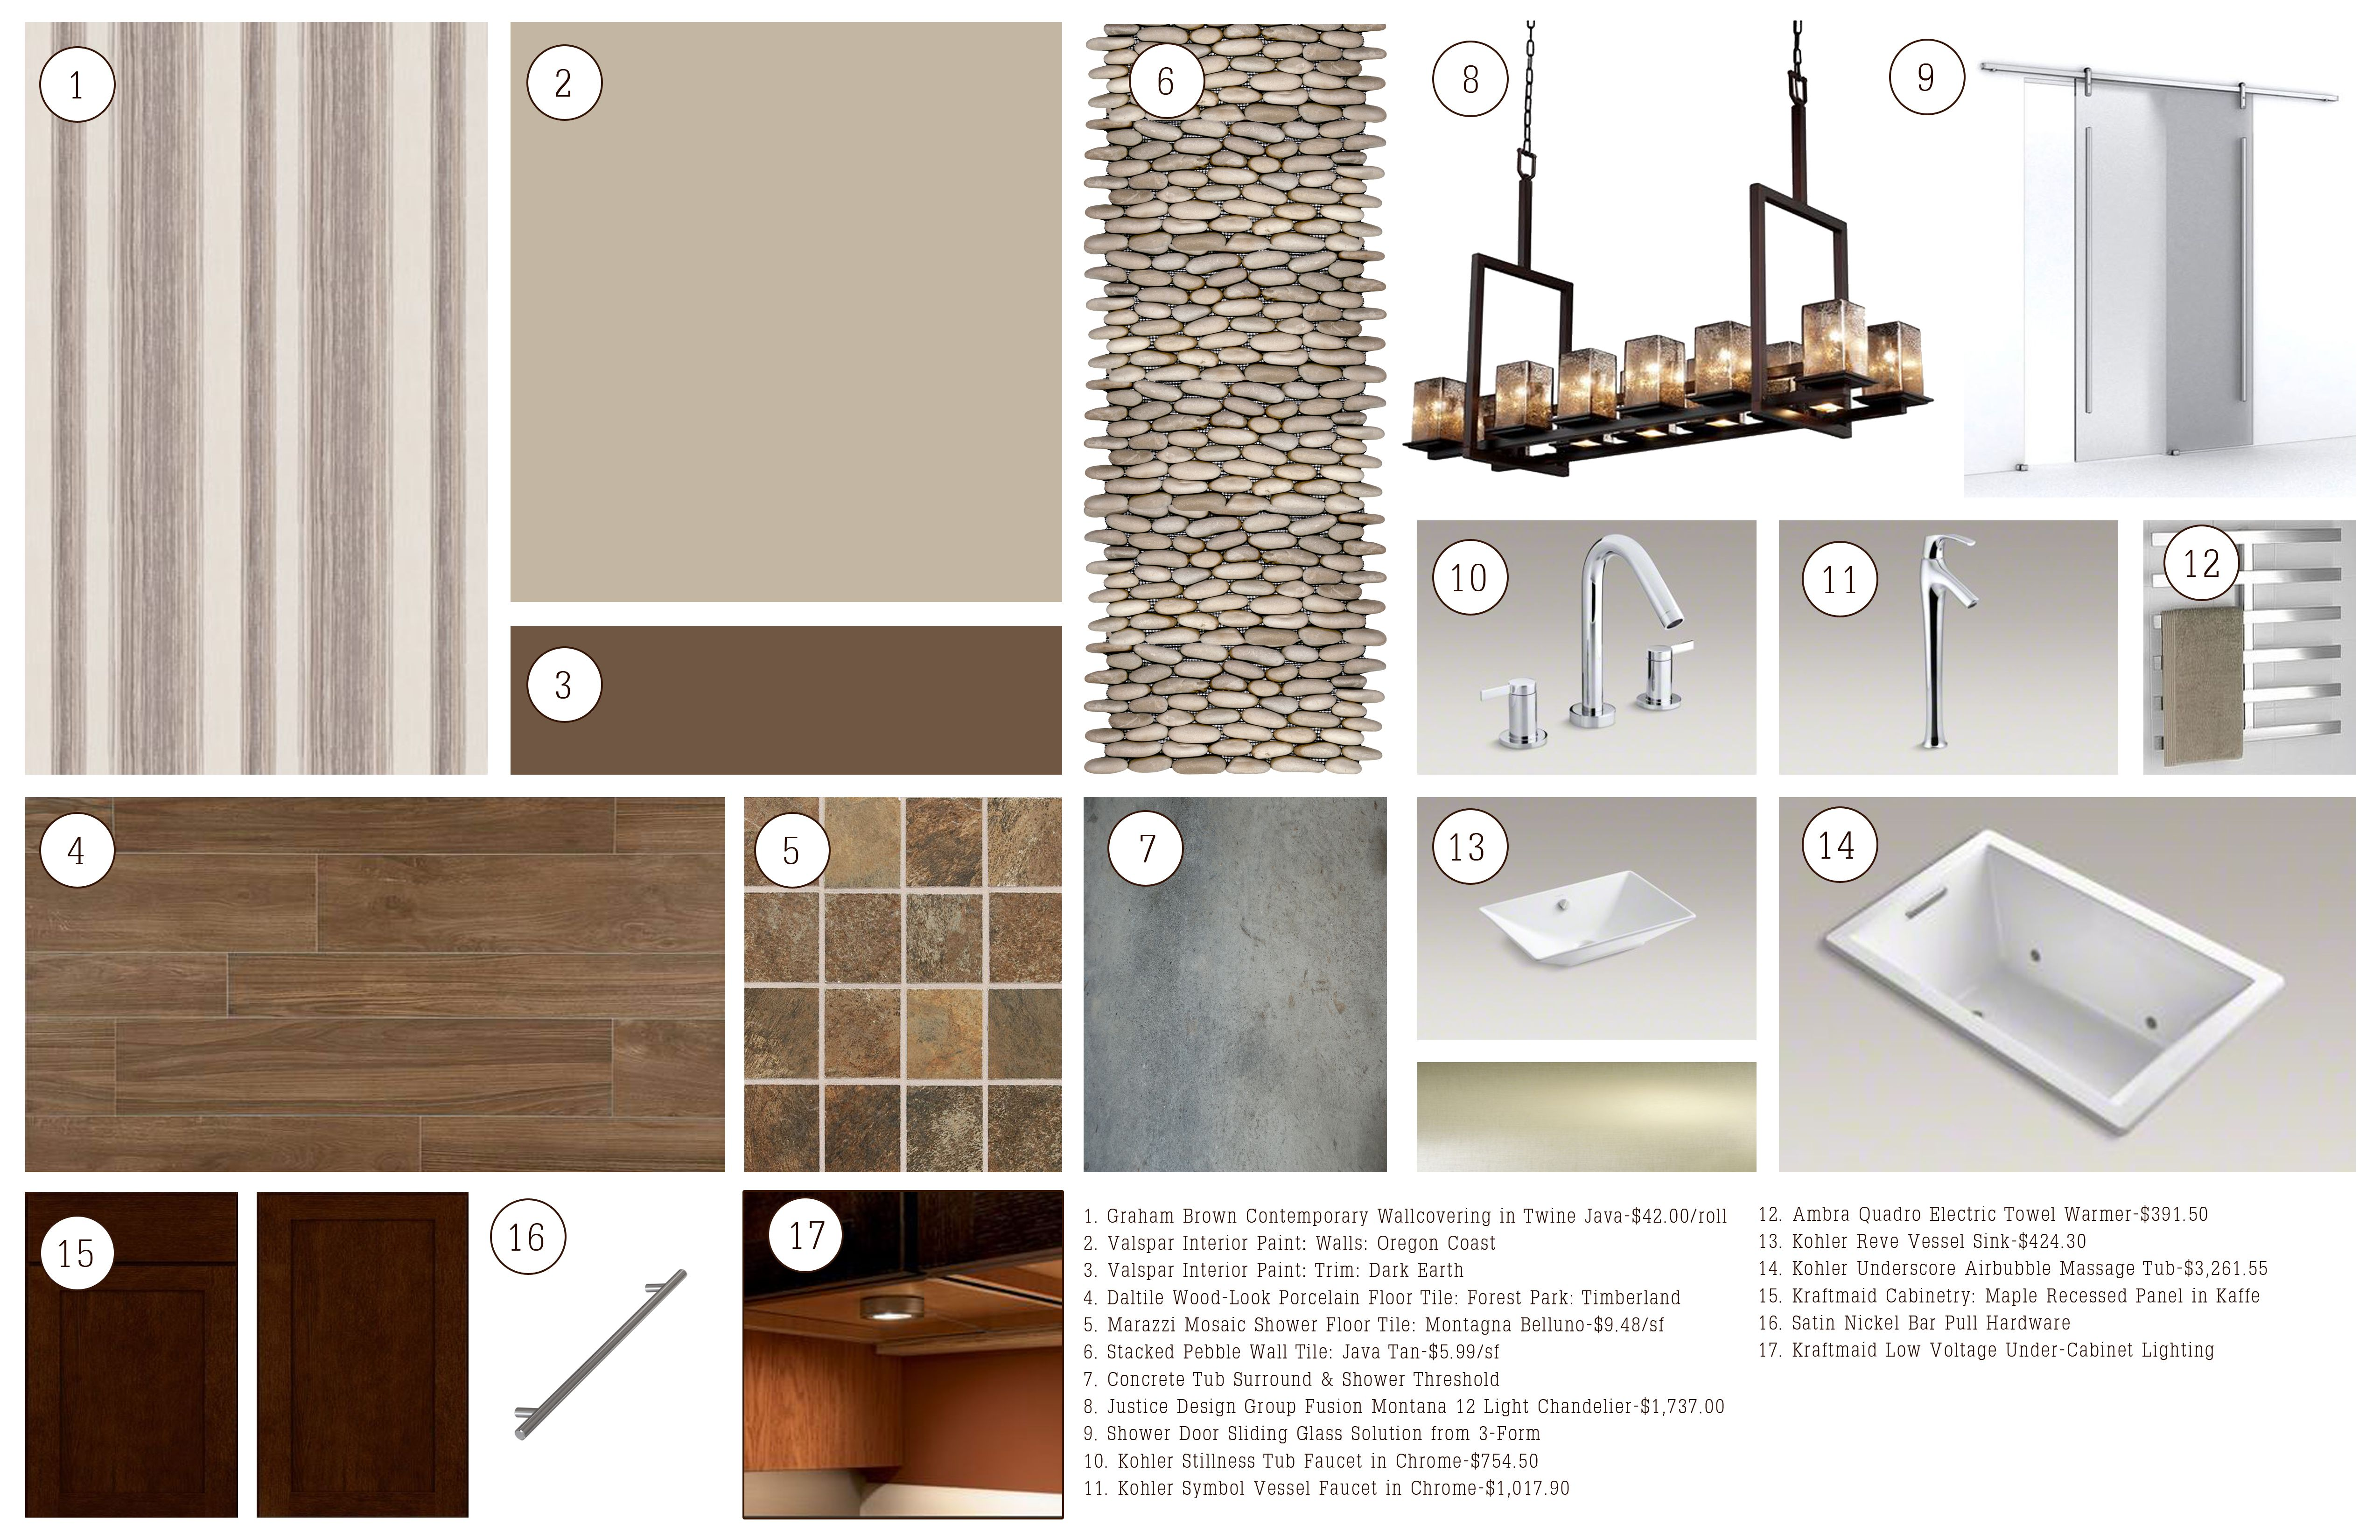 Interior Design Sample Boards Google Search Interior Design